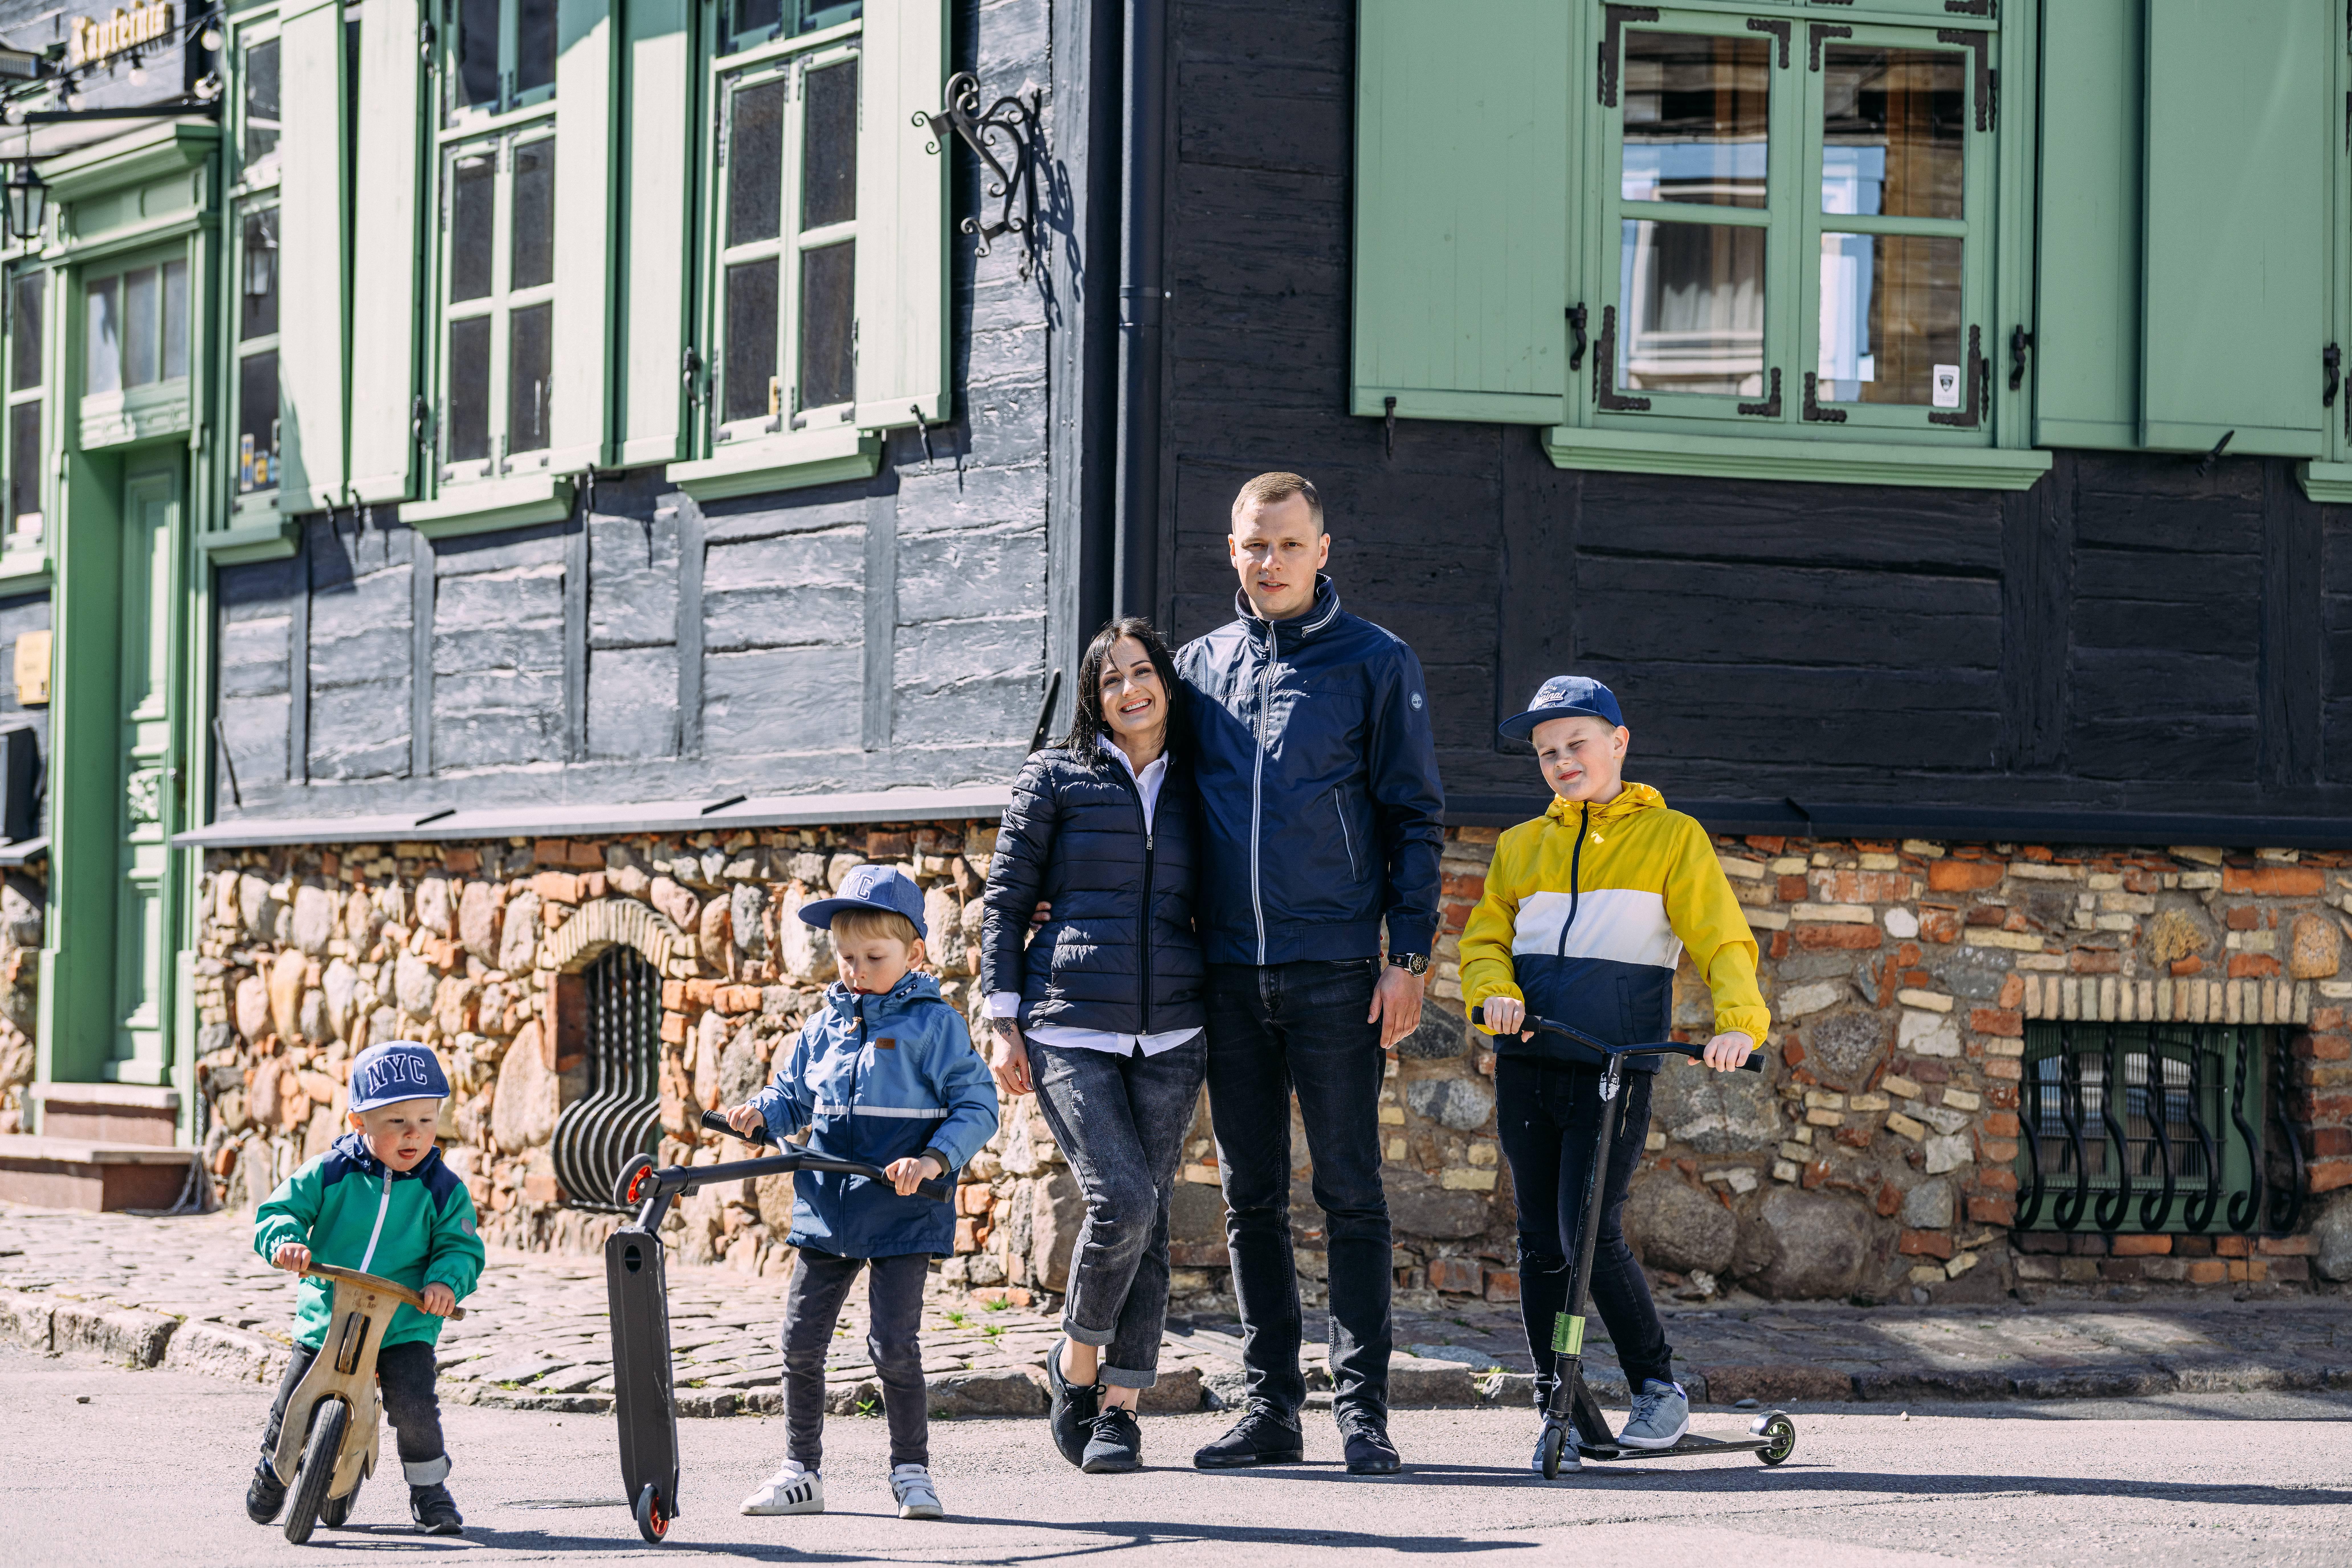 Ģimene ar trīs dēliem uz skrejriteņiem stāv pie senlaicīgas ēkas